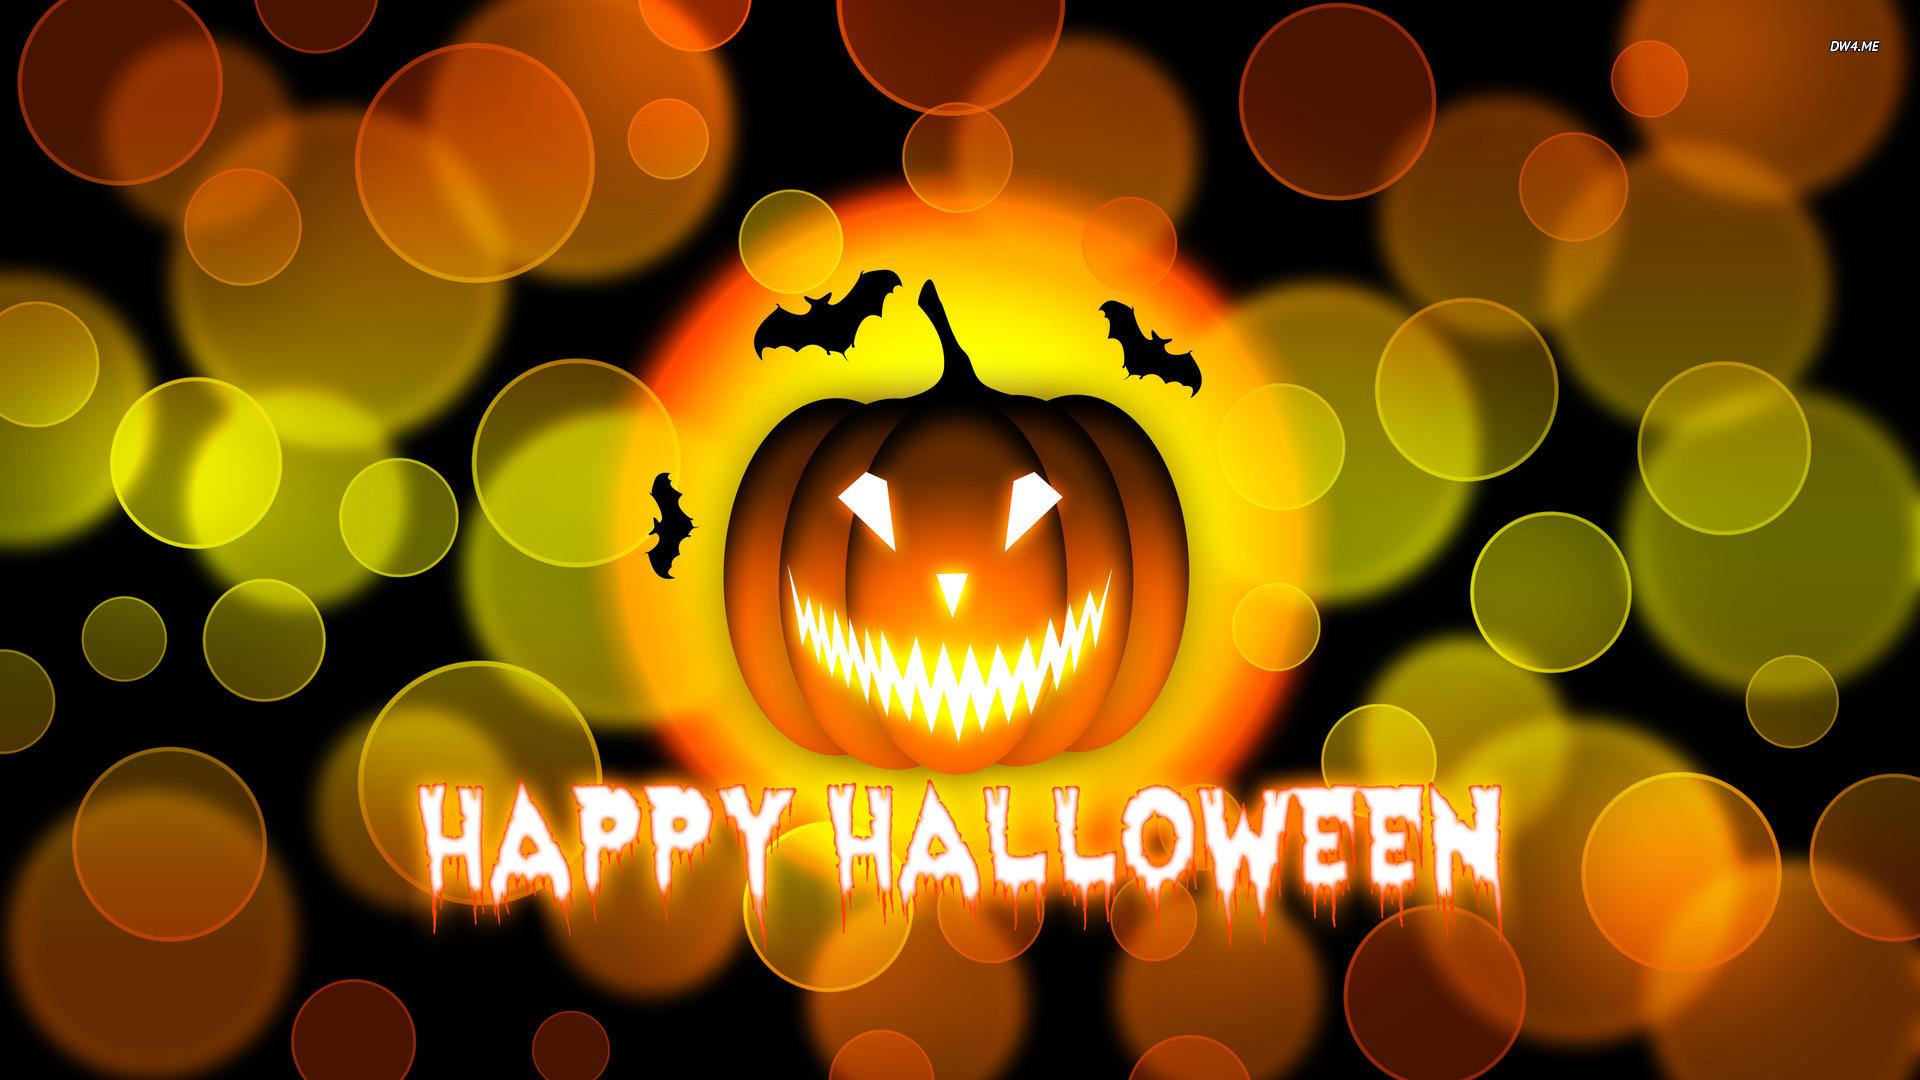 Cute Halloween Desktop Backgrounds (63+ images)